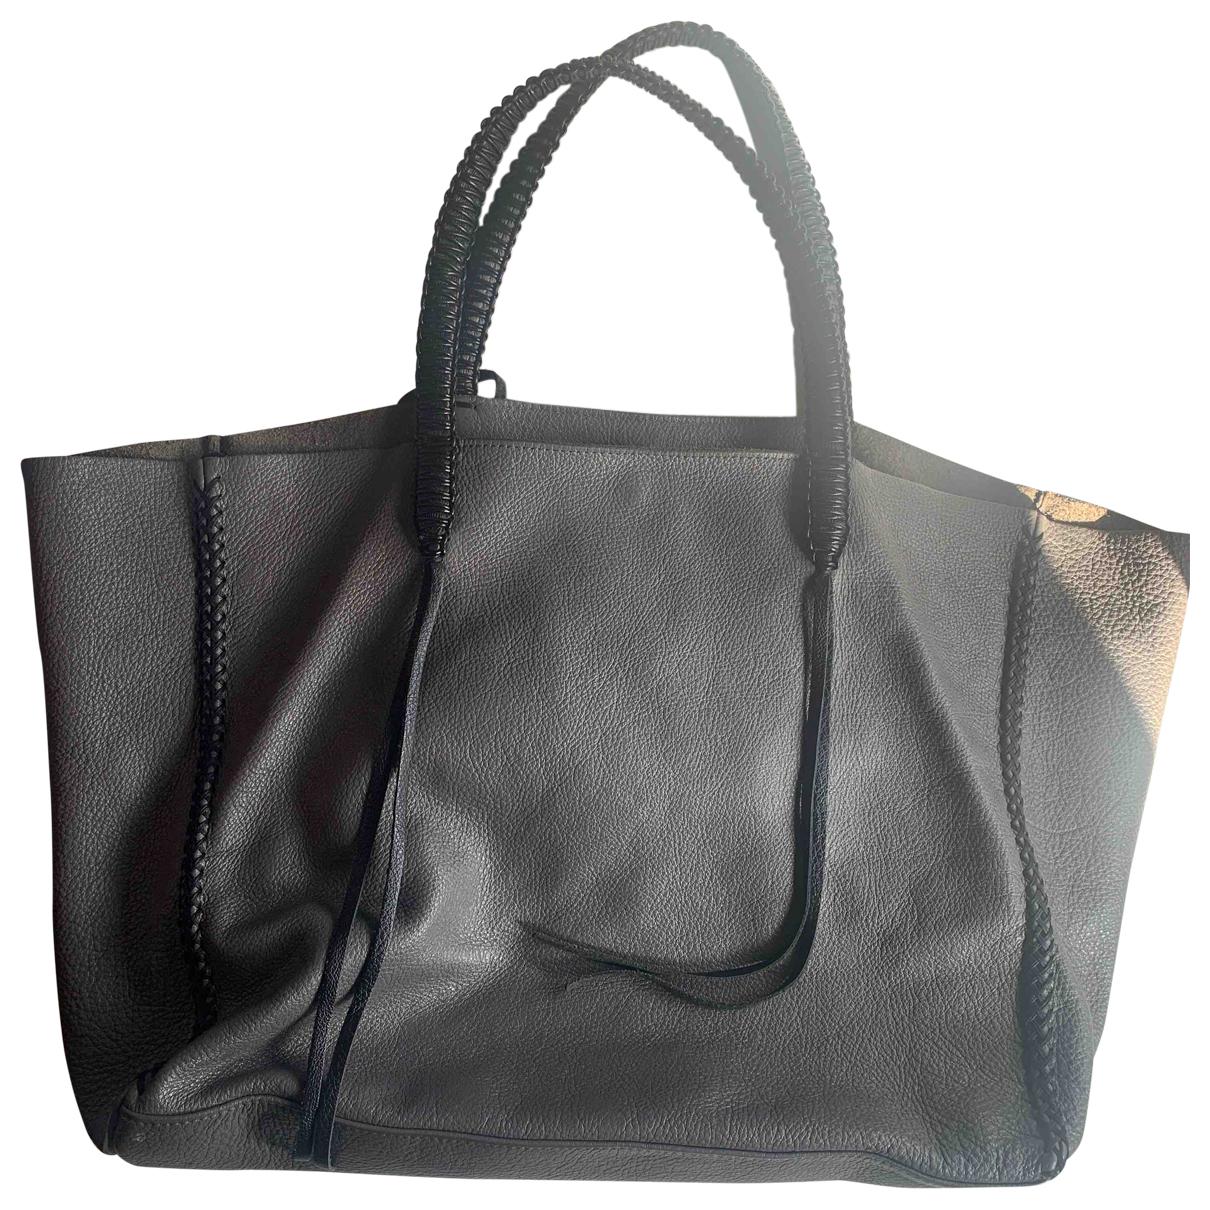 Callista Crafts - Sac a main   pour femme en cuir - gris